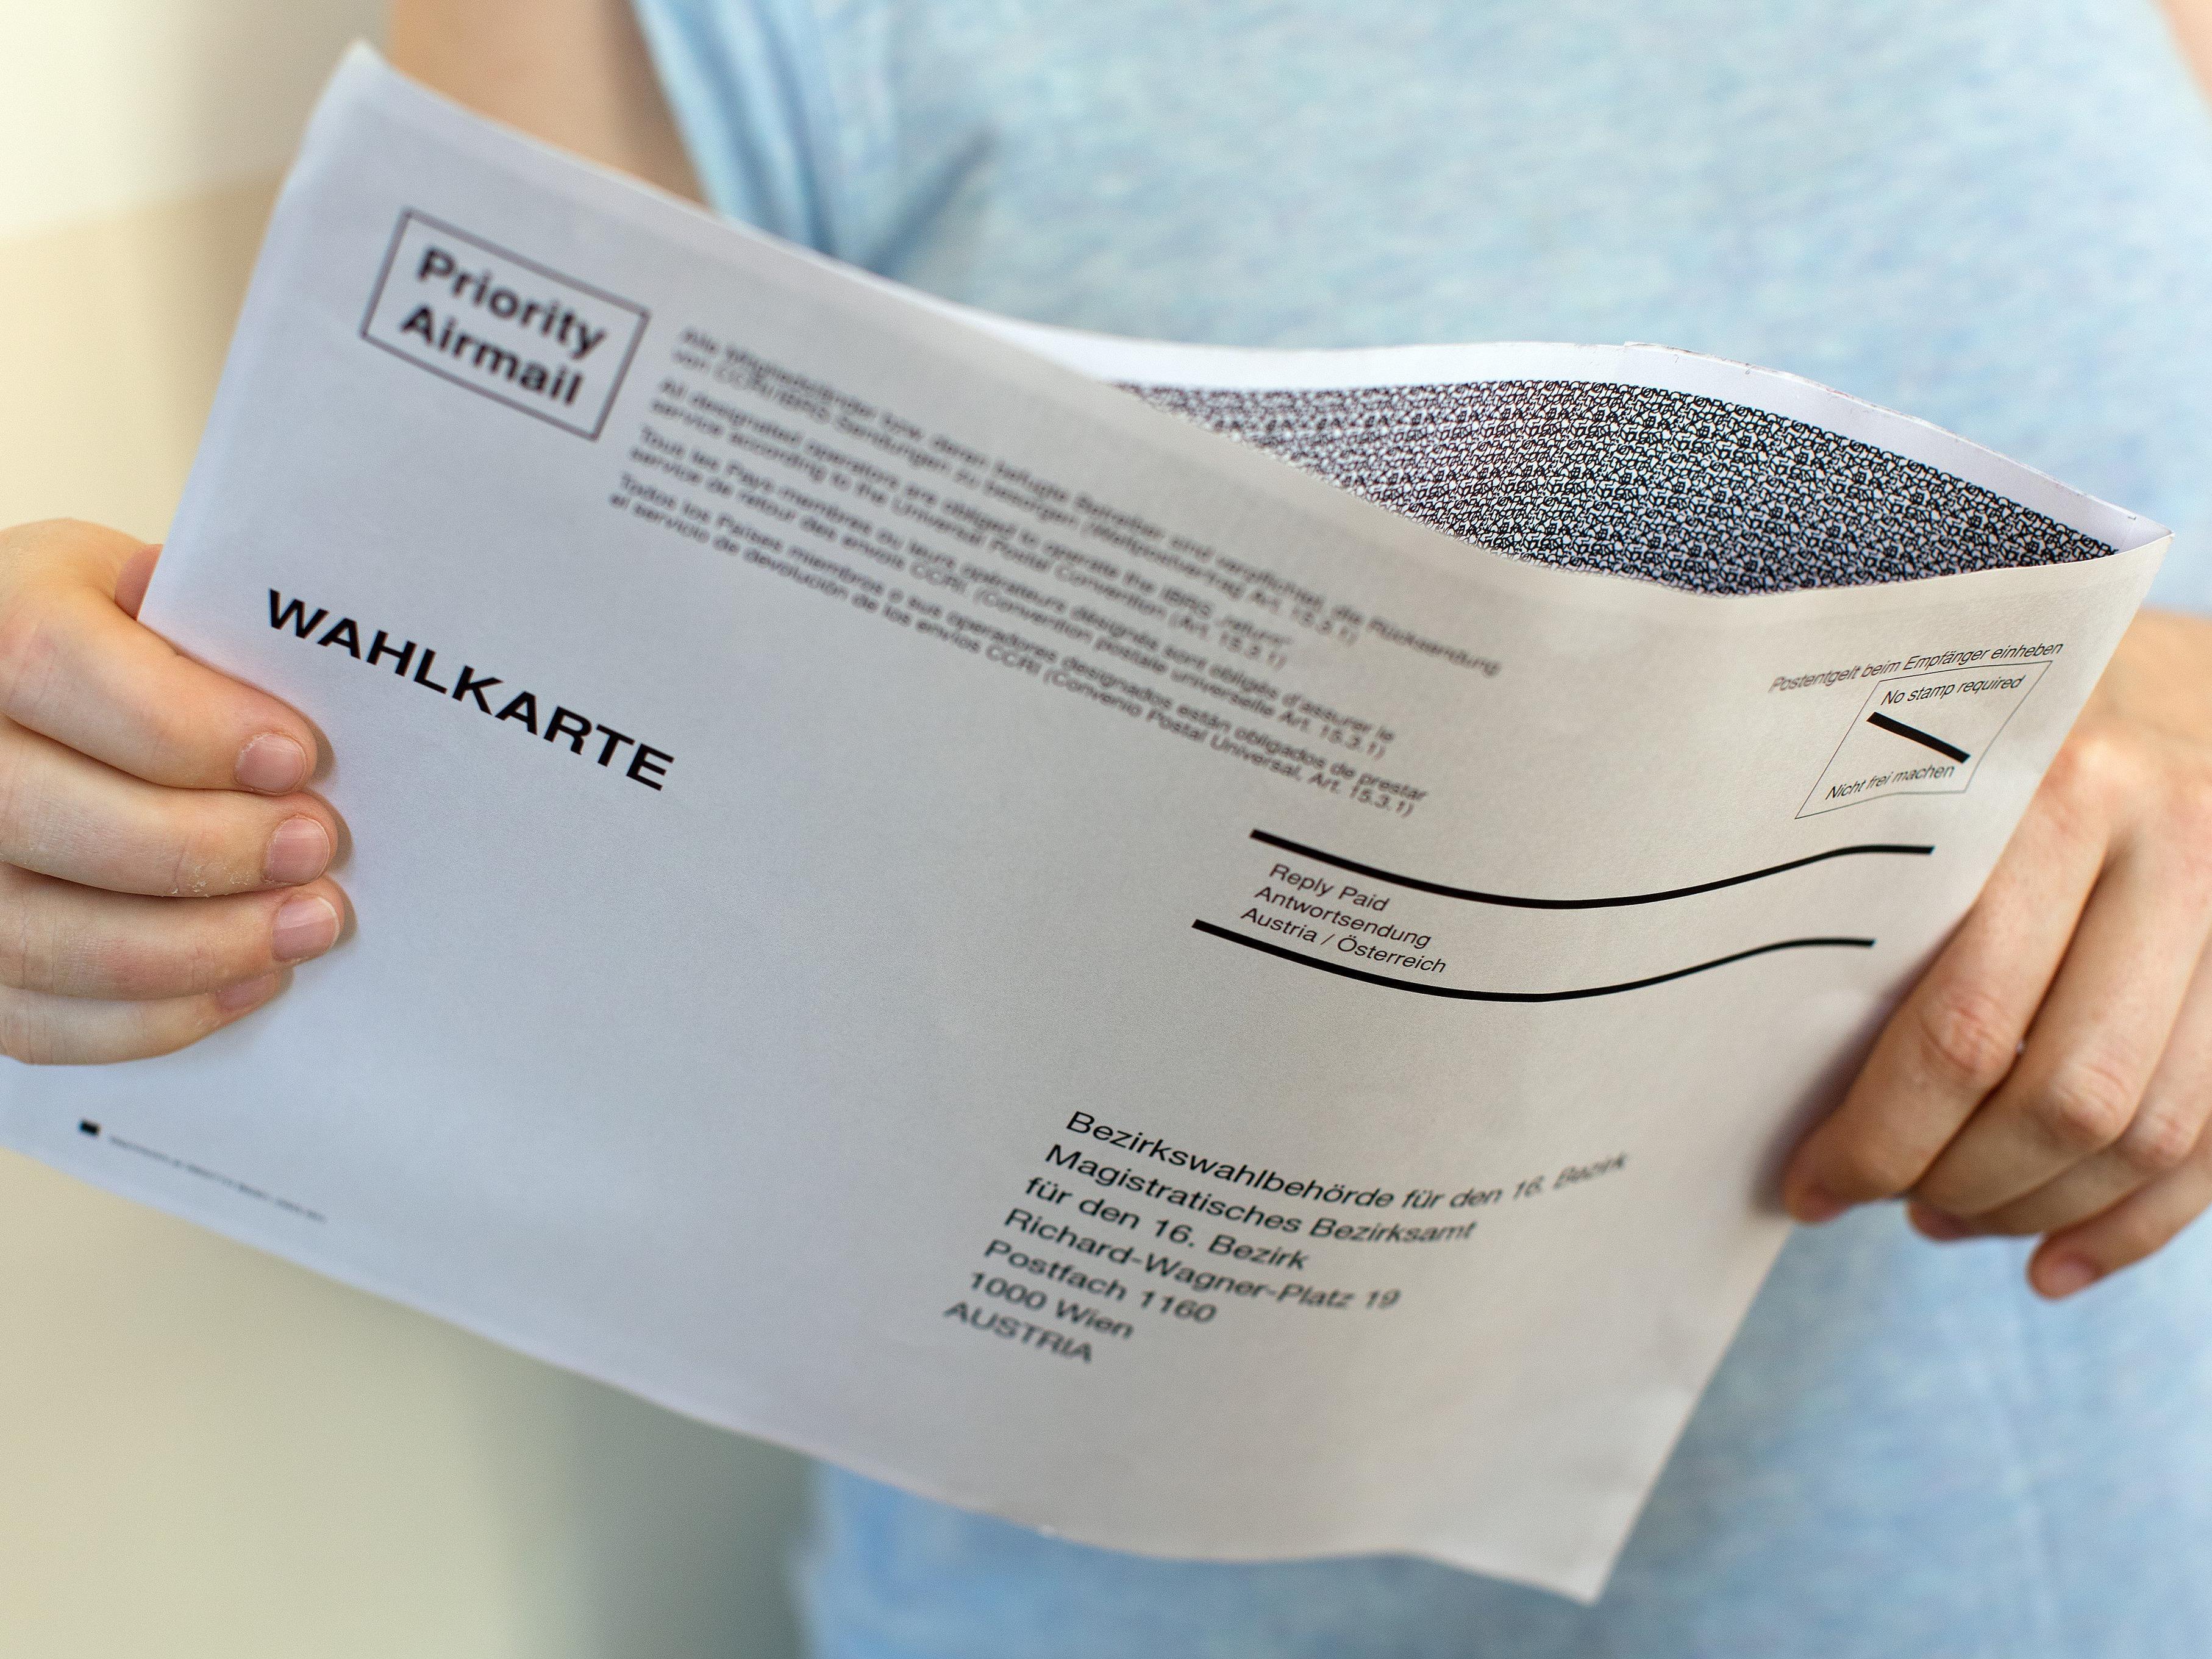 SPÖ, Grüne und NEOS in Vorarlberg begrüßen die Verschiebung der Wiederholung der Bundespräsidentenstichwahl, auch wenn ein fahler Beigeschmack und Ungereimtheiten bleiben.